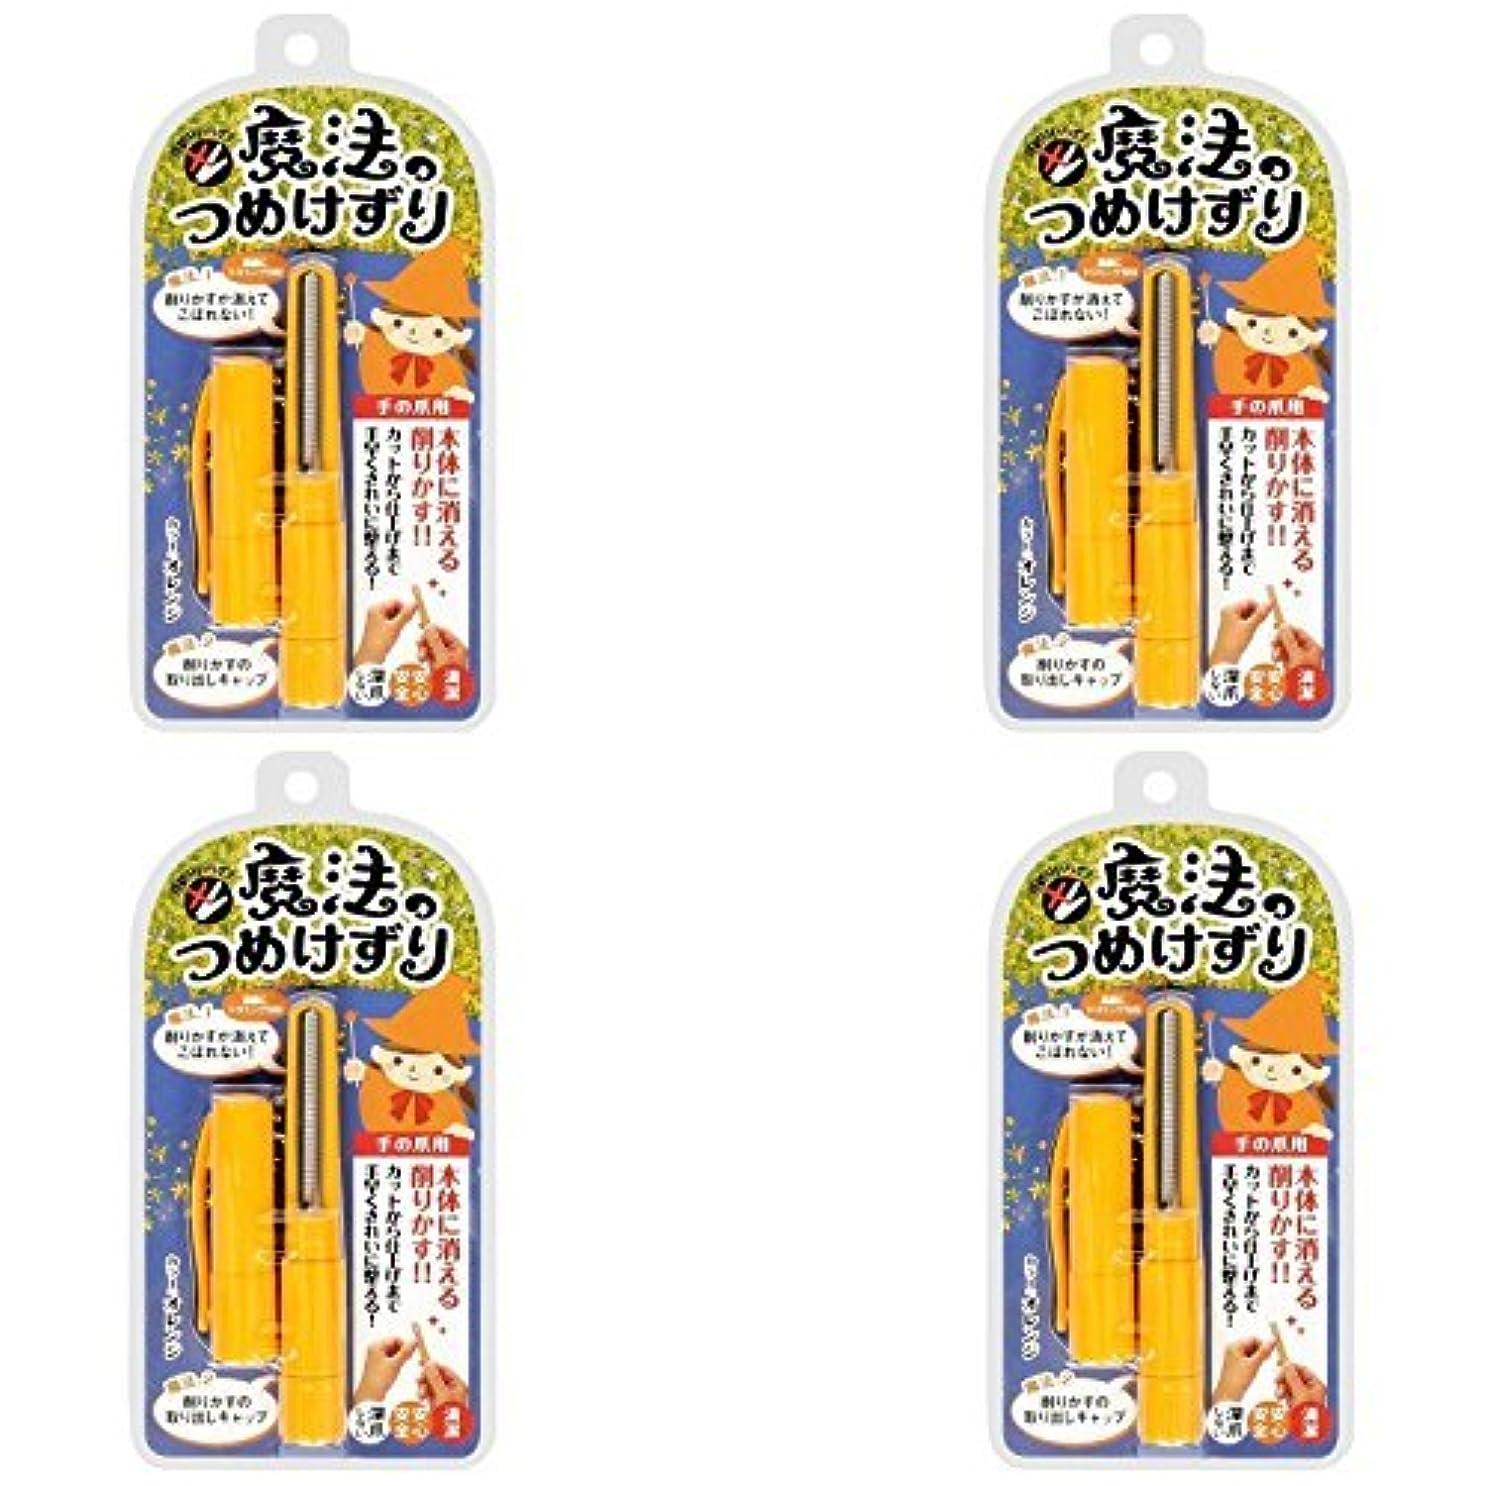 素晴らしき同情的ランドマーク【セット品】松本金型 魔法のつめけずり MM-090 オレンジ ×4個